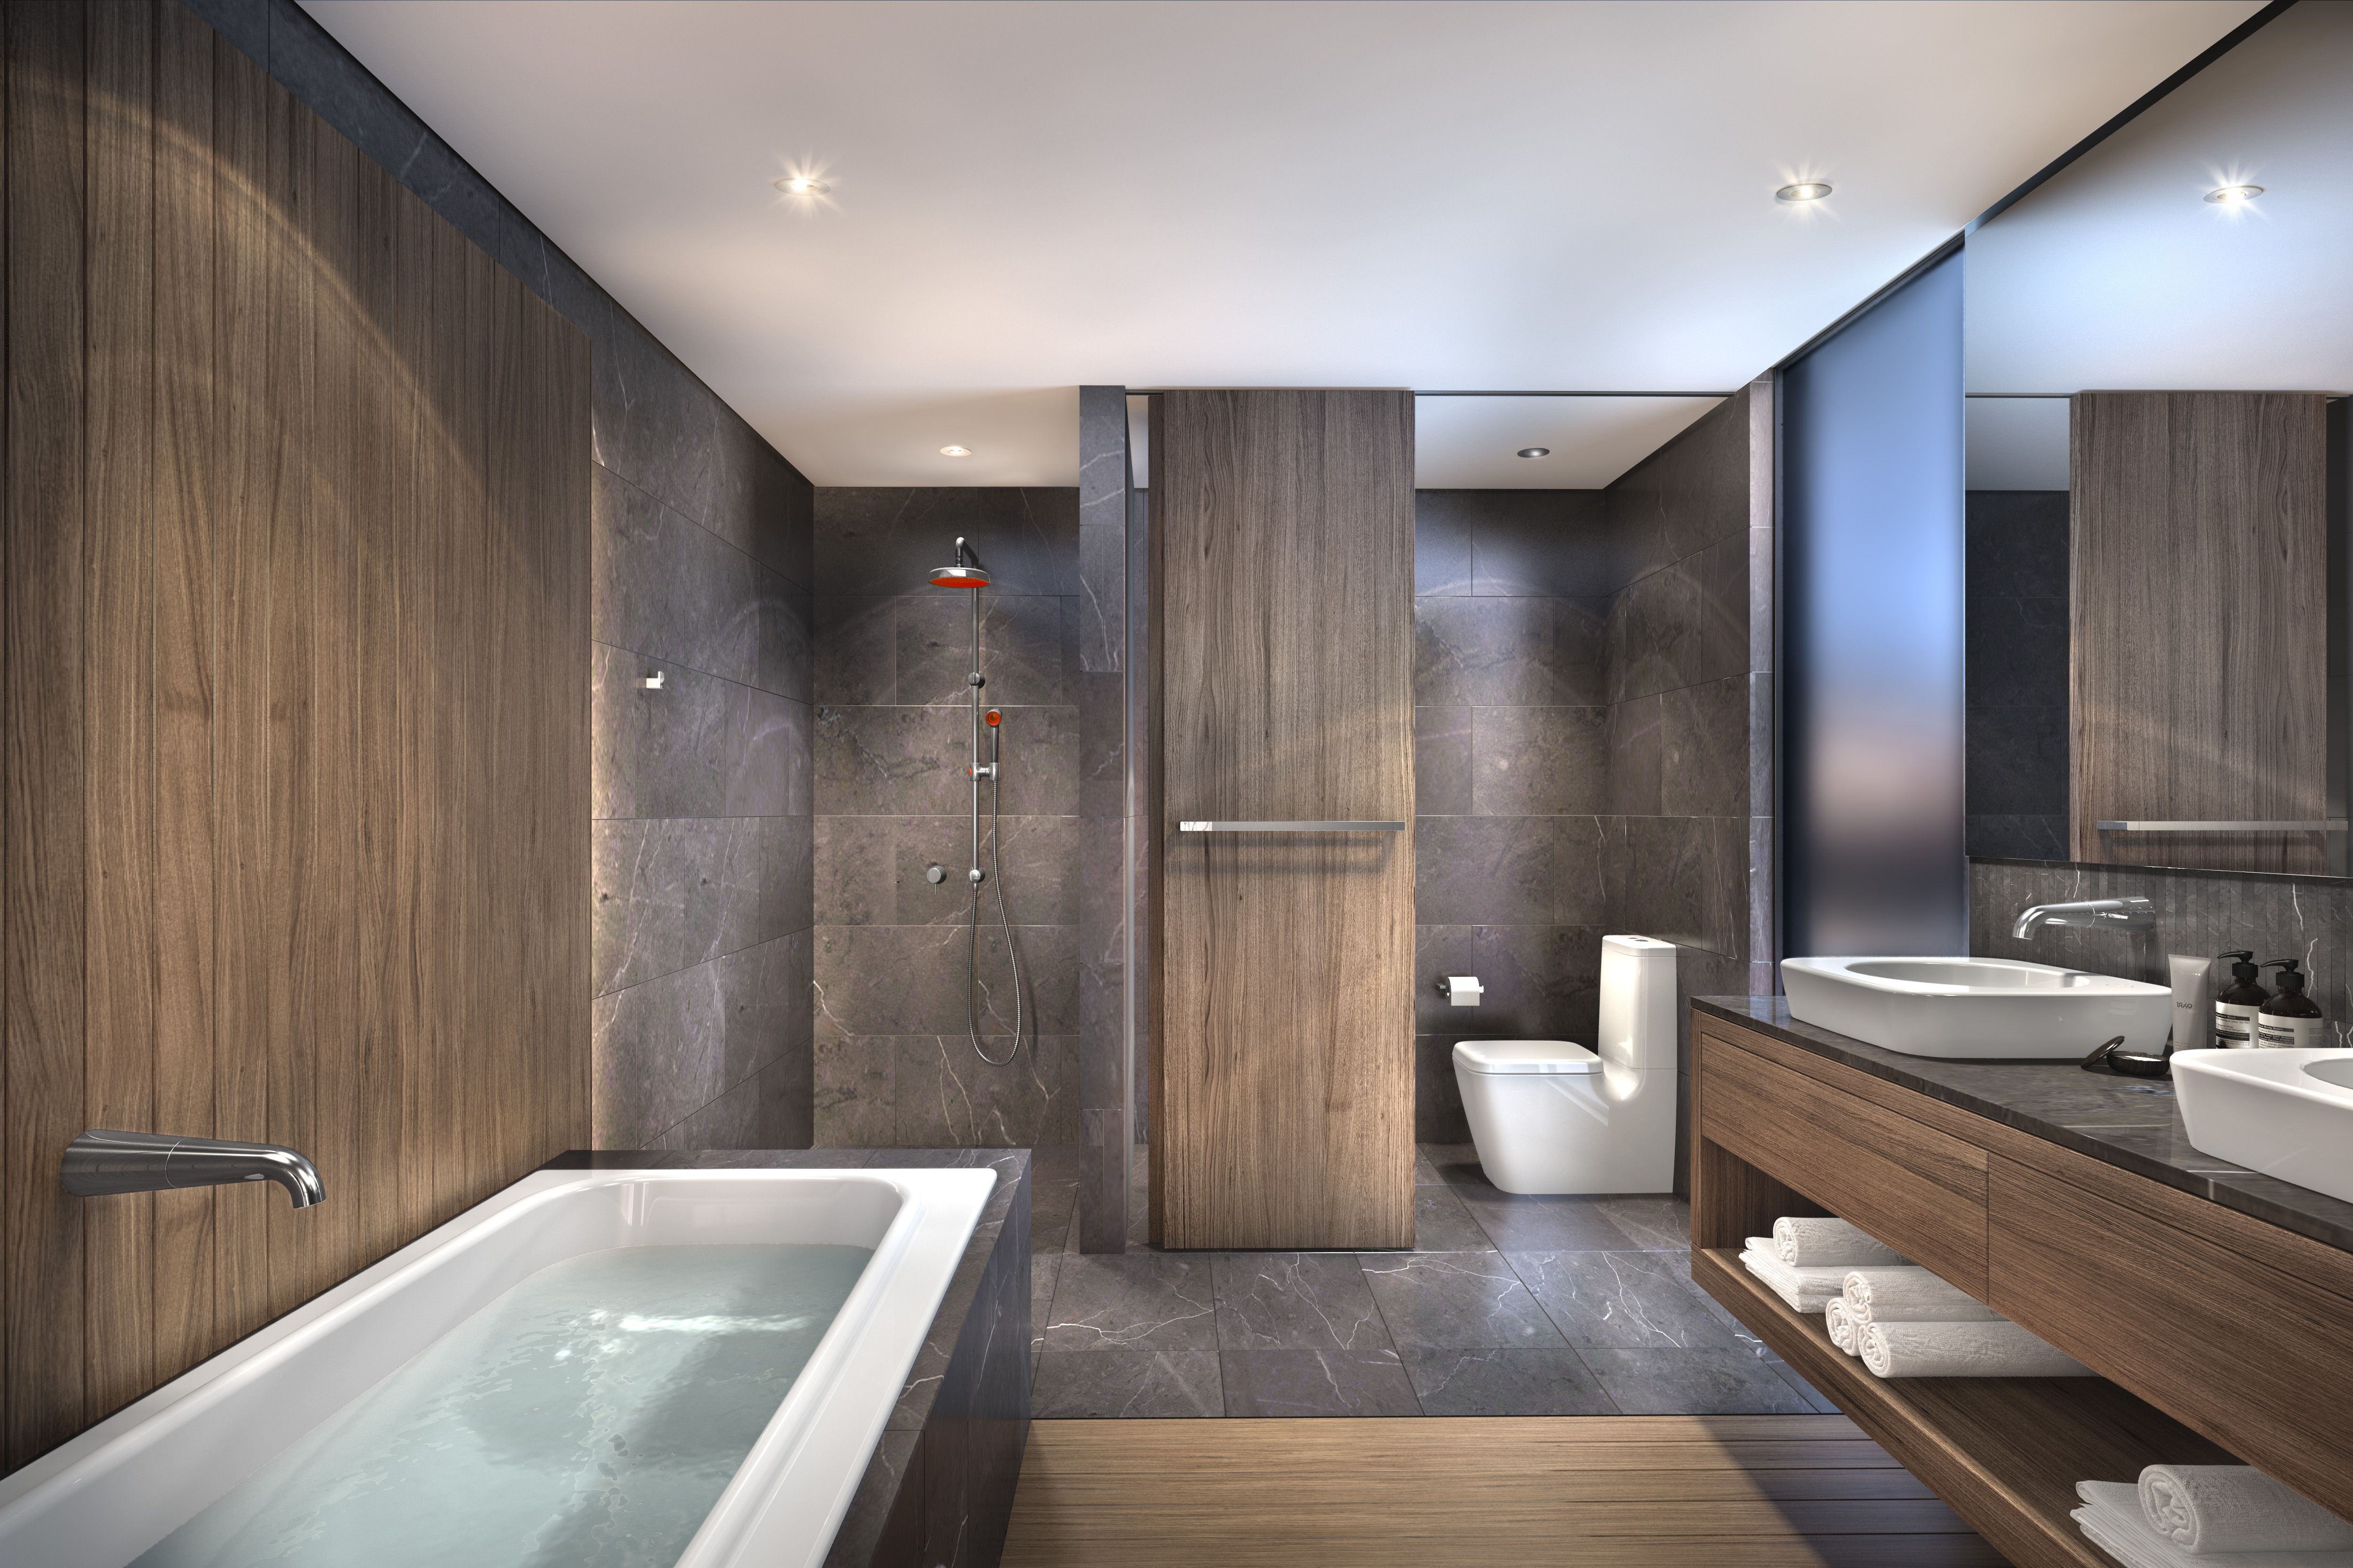 Caroma Luxury Hotel Bathroom  Luxury hotel bathroom, Lake house